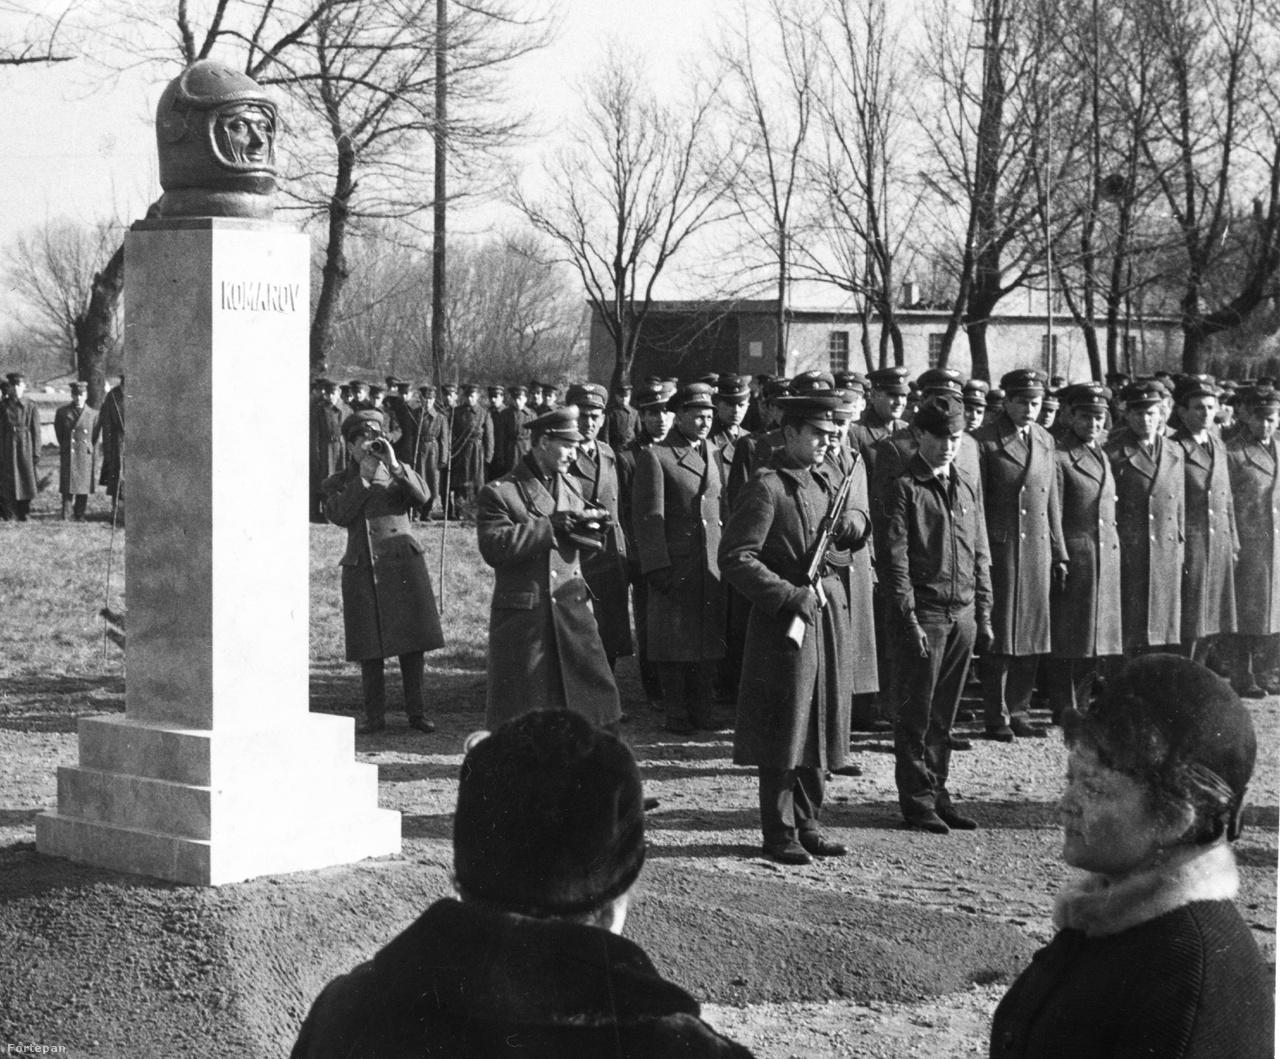 Pápán, a Vaszari úton, a katonai repülőtér parkjában 1968-ban avatták fel a szovjet űrhajós emlékművét. Szobrász: Pándi Kiss János.